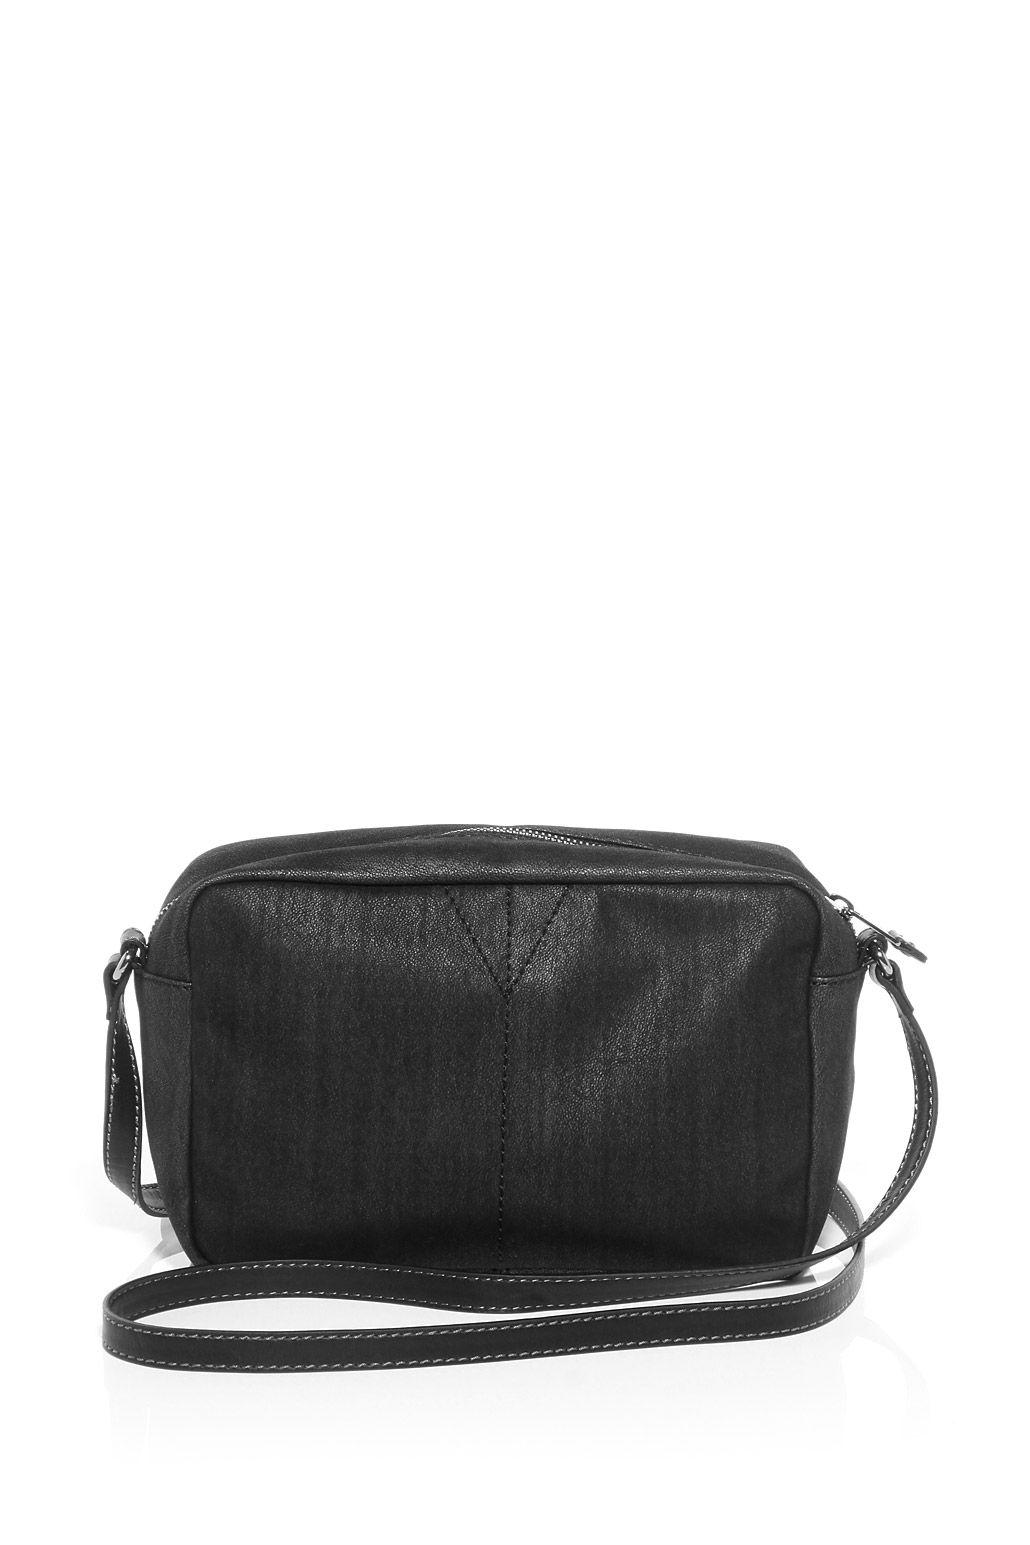 fc5bef9474b schoudertas voor dames CASUAL - Esprit Online-Shop | Nice clothing ...